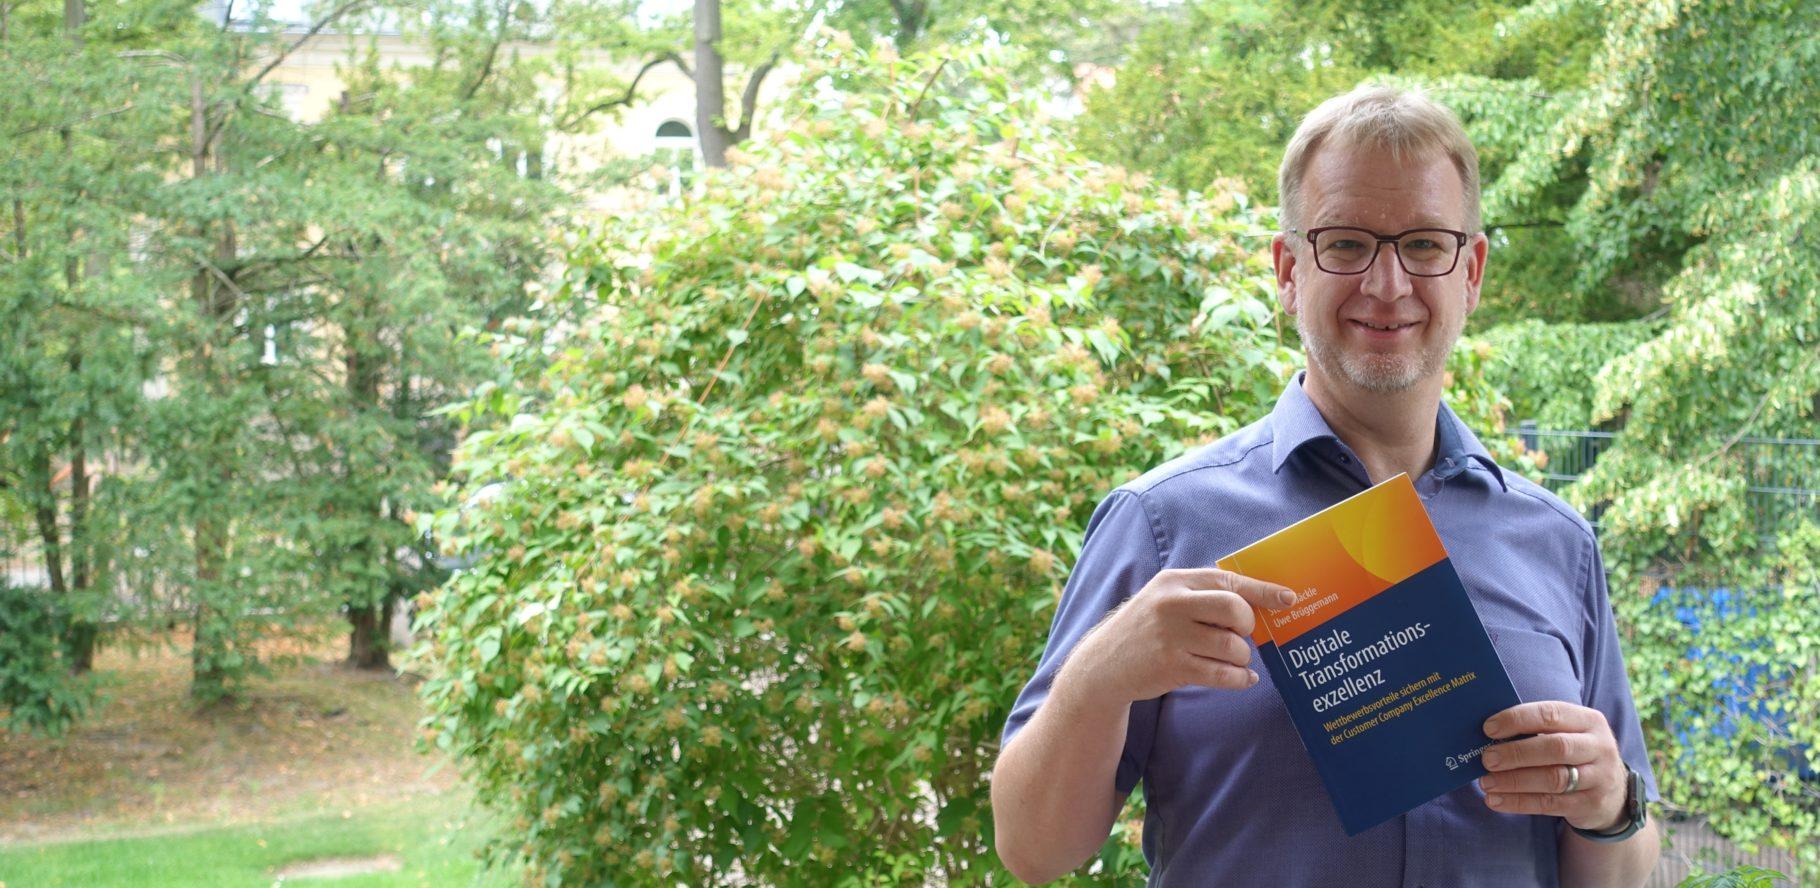 Uwe Brüggemann zeigt sein Buch über Digitalisierung